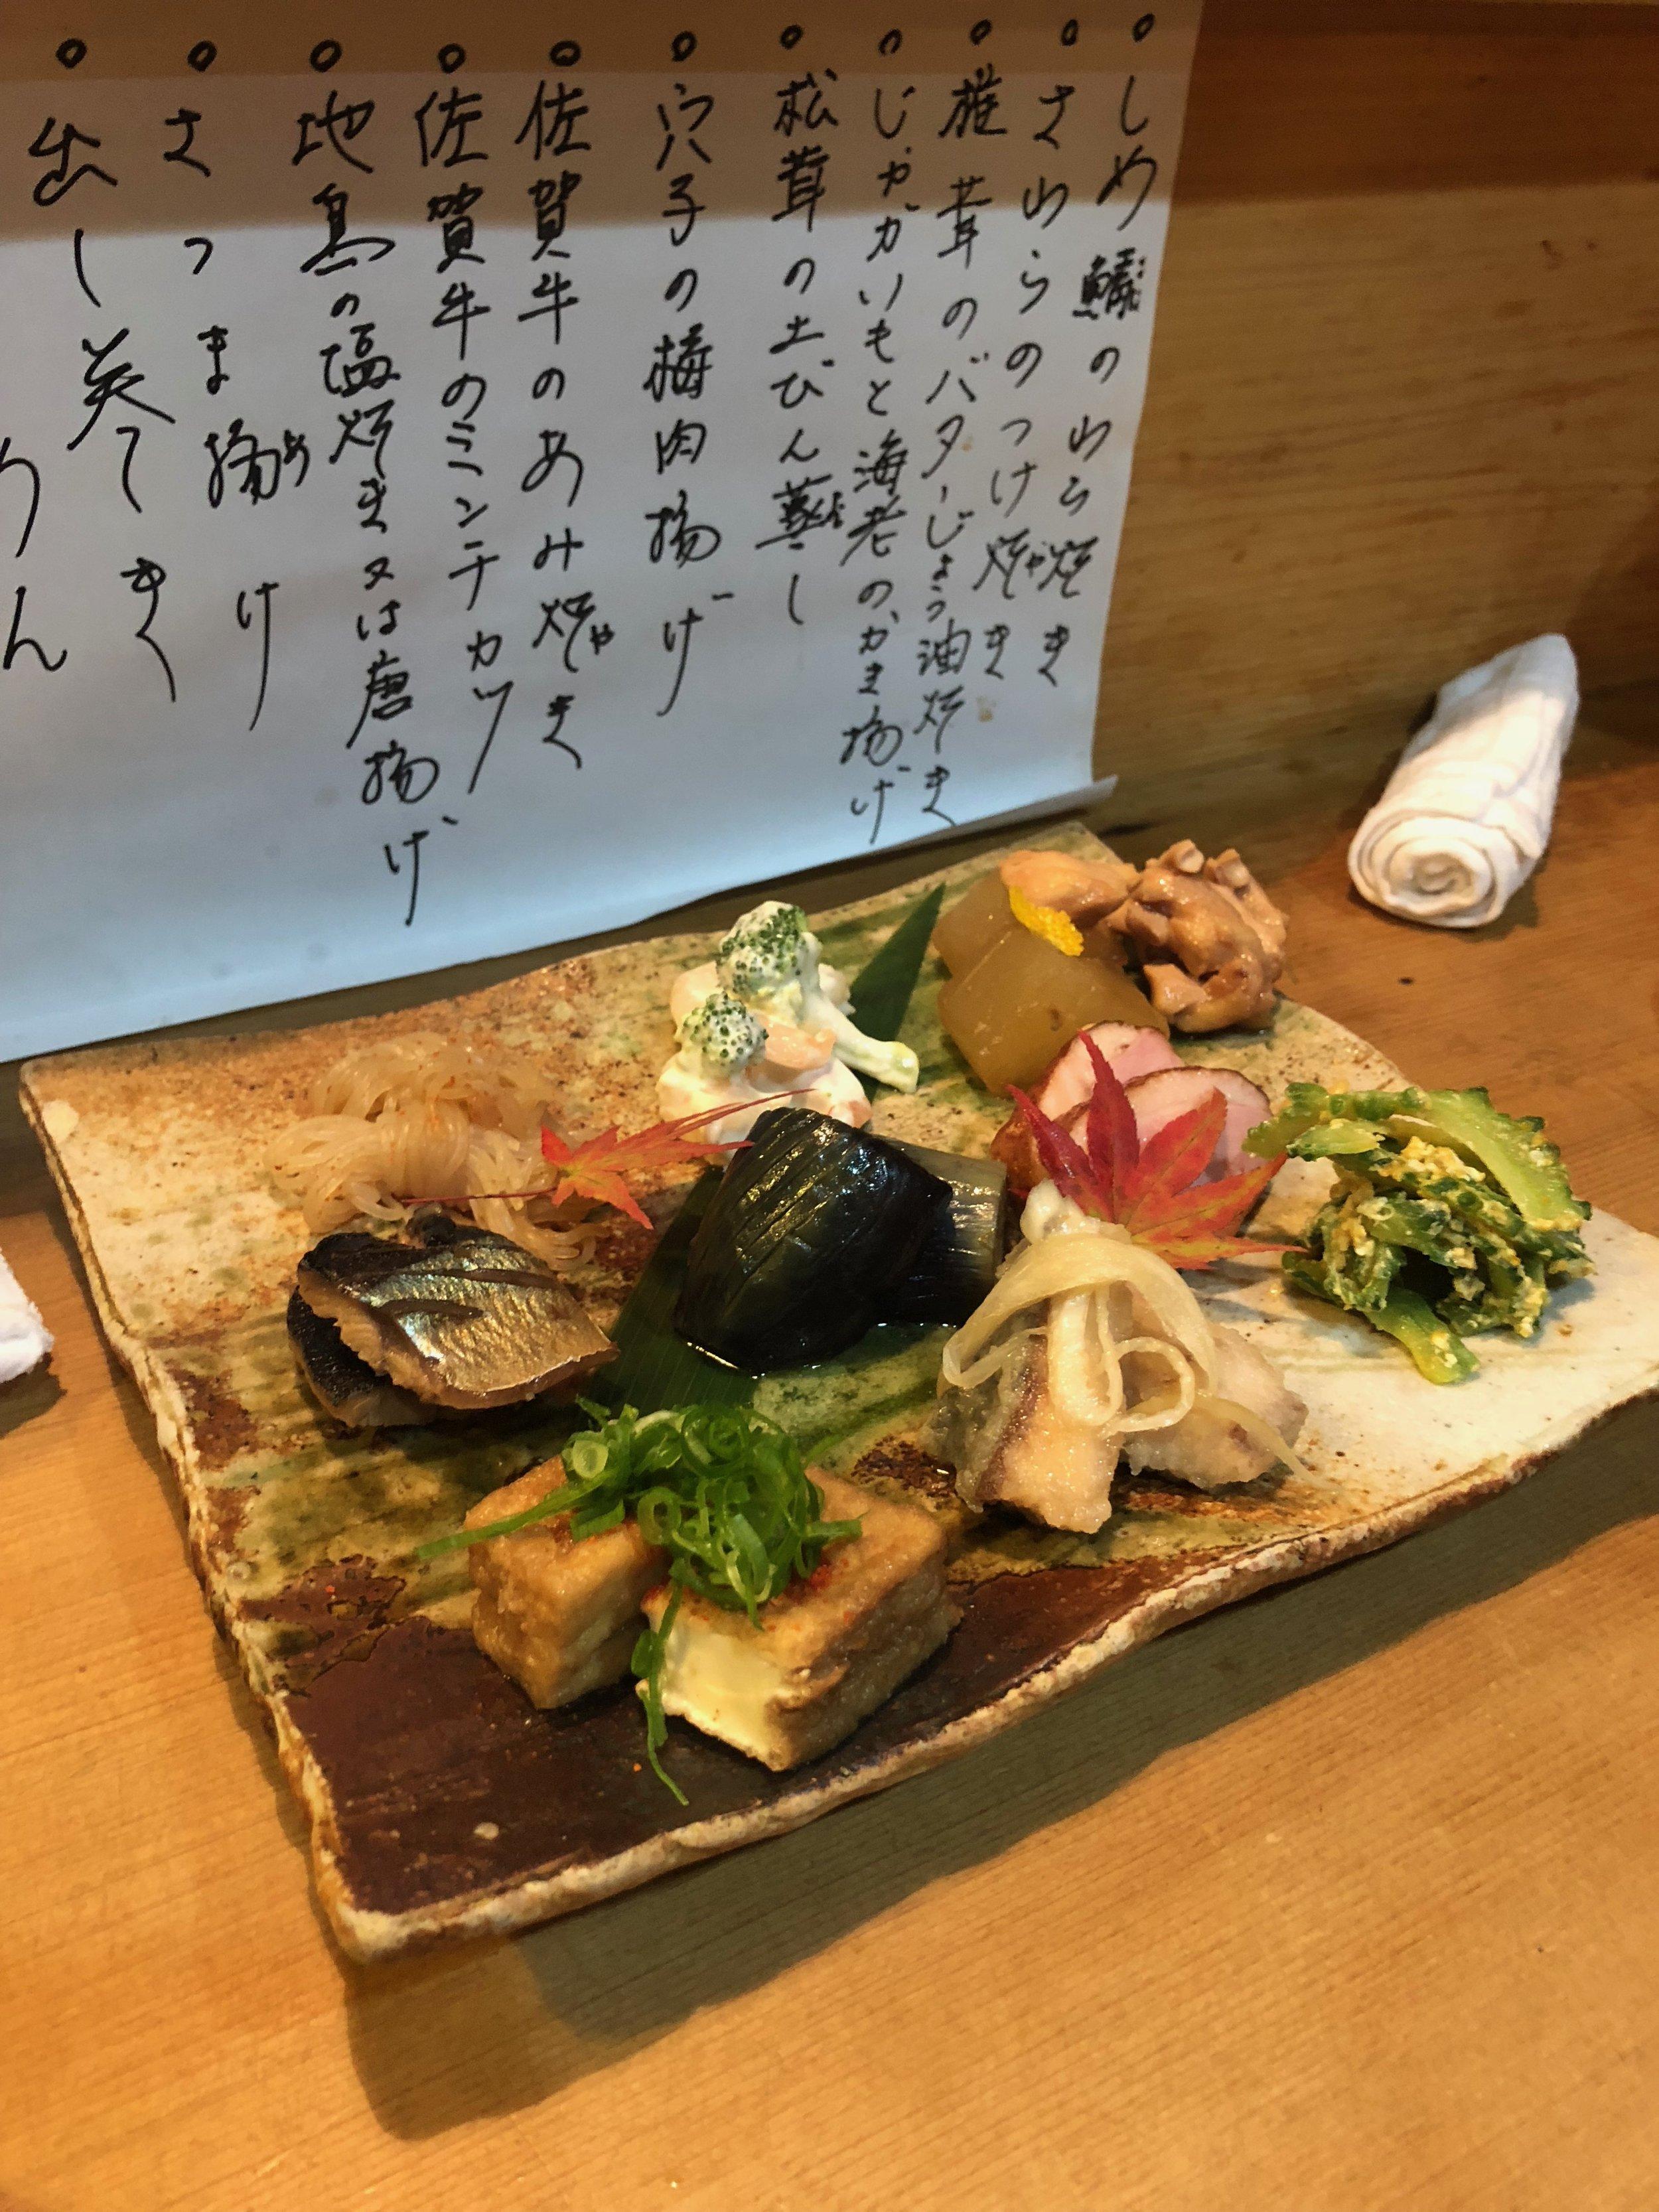 Un plato de comida con diferentes tipos de pescado, carne, vegetales, y fideos. Y hojitas de otoño como adorno.